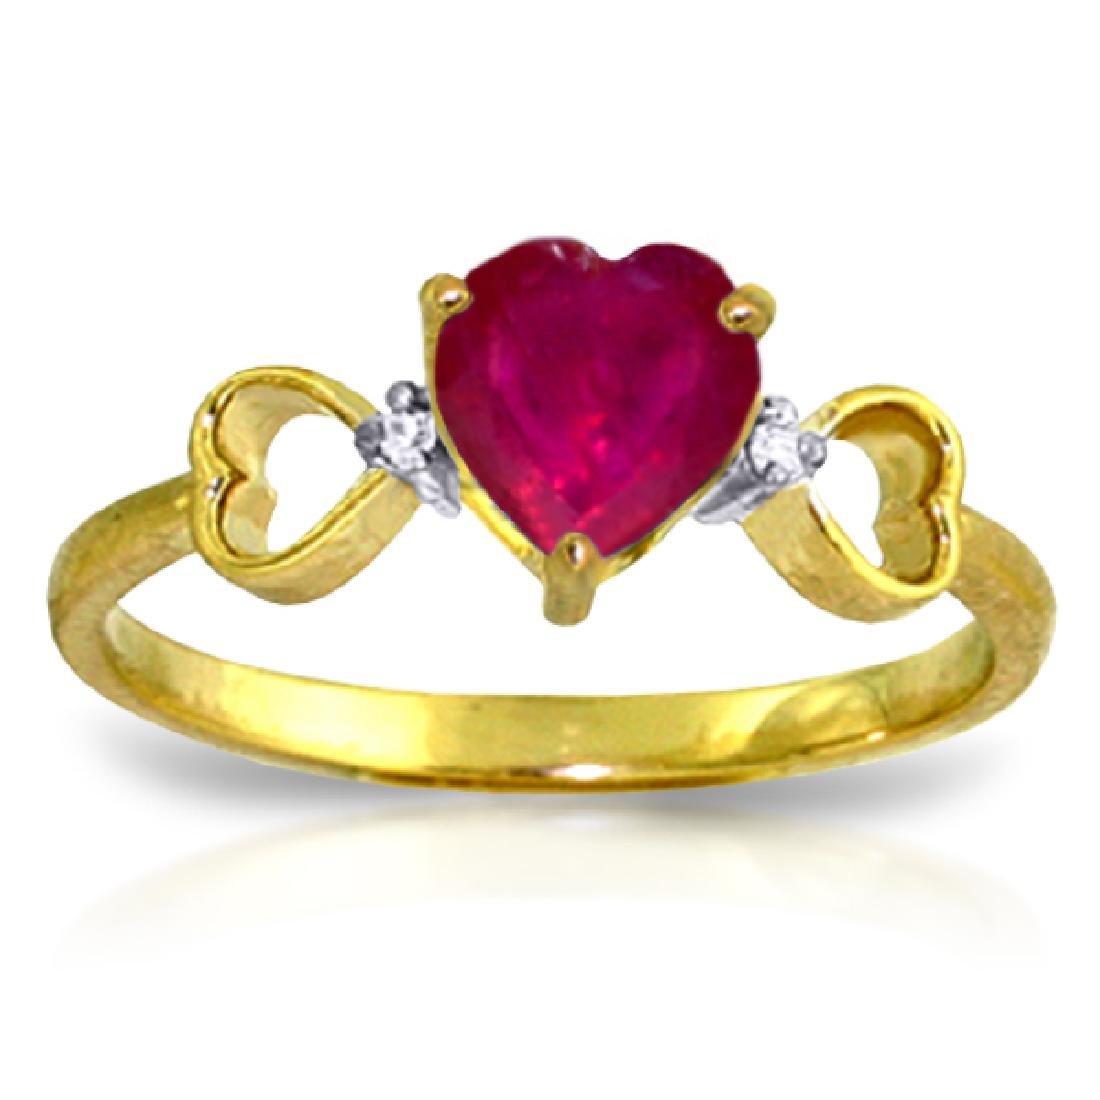 Genuine 1.01 ctw Ruby & Diamond Ring Jewelry 14KT